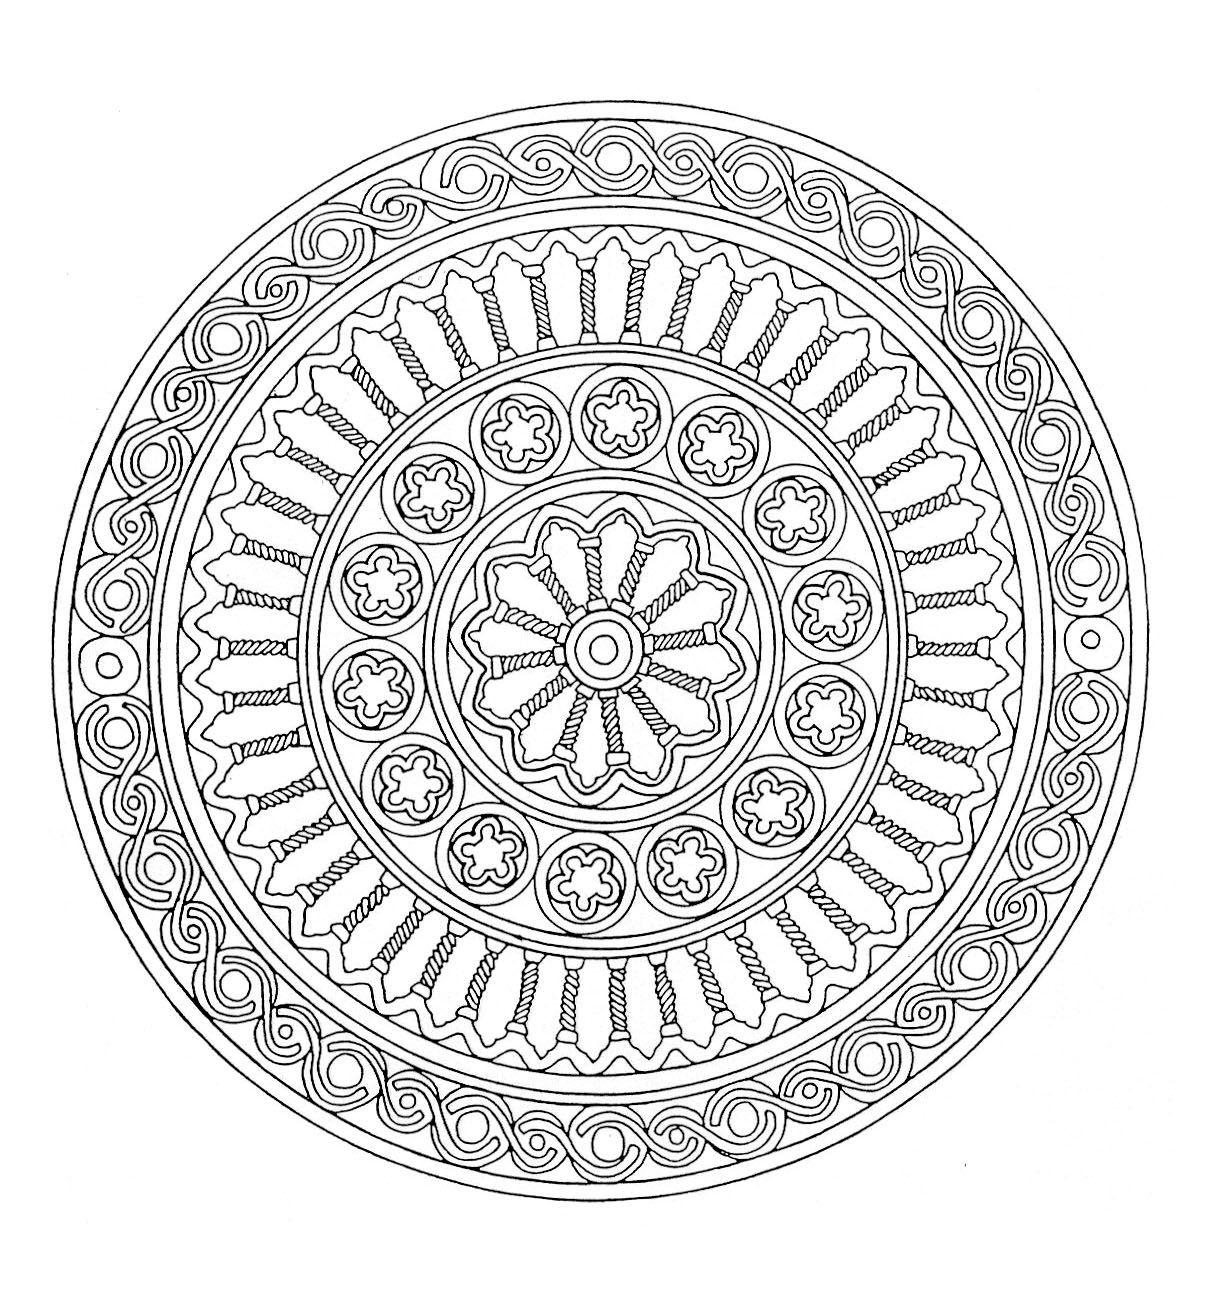 Galerie de coloriages gratuits Est ce la Grªce qui a servi d inspiration pour ce Mandala y retrouve en tout cas ce qui semble ªtre des colonnes de